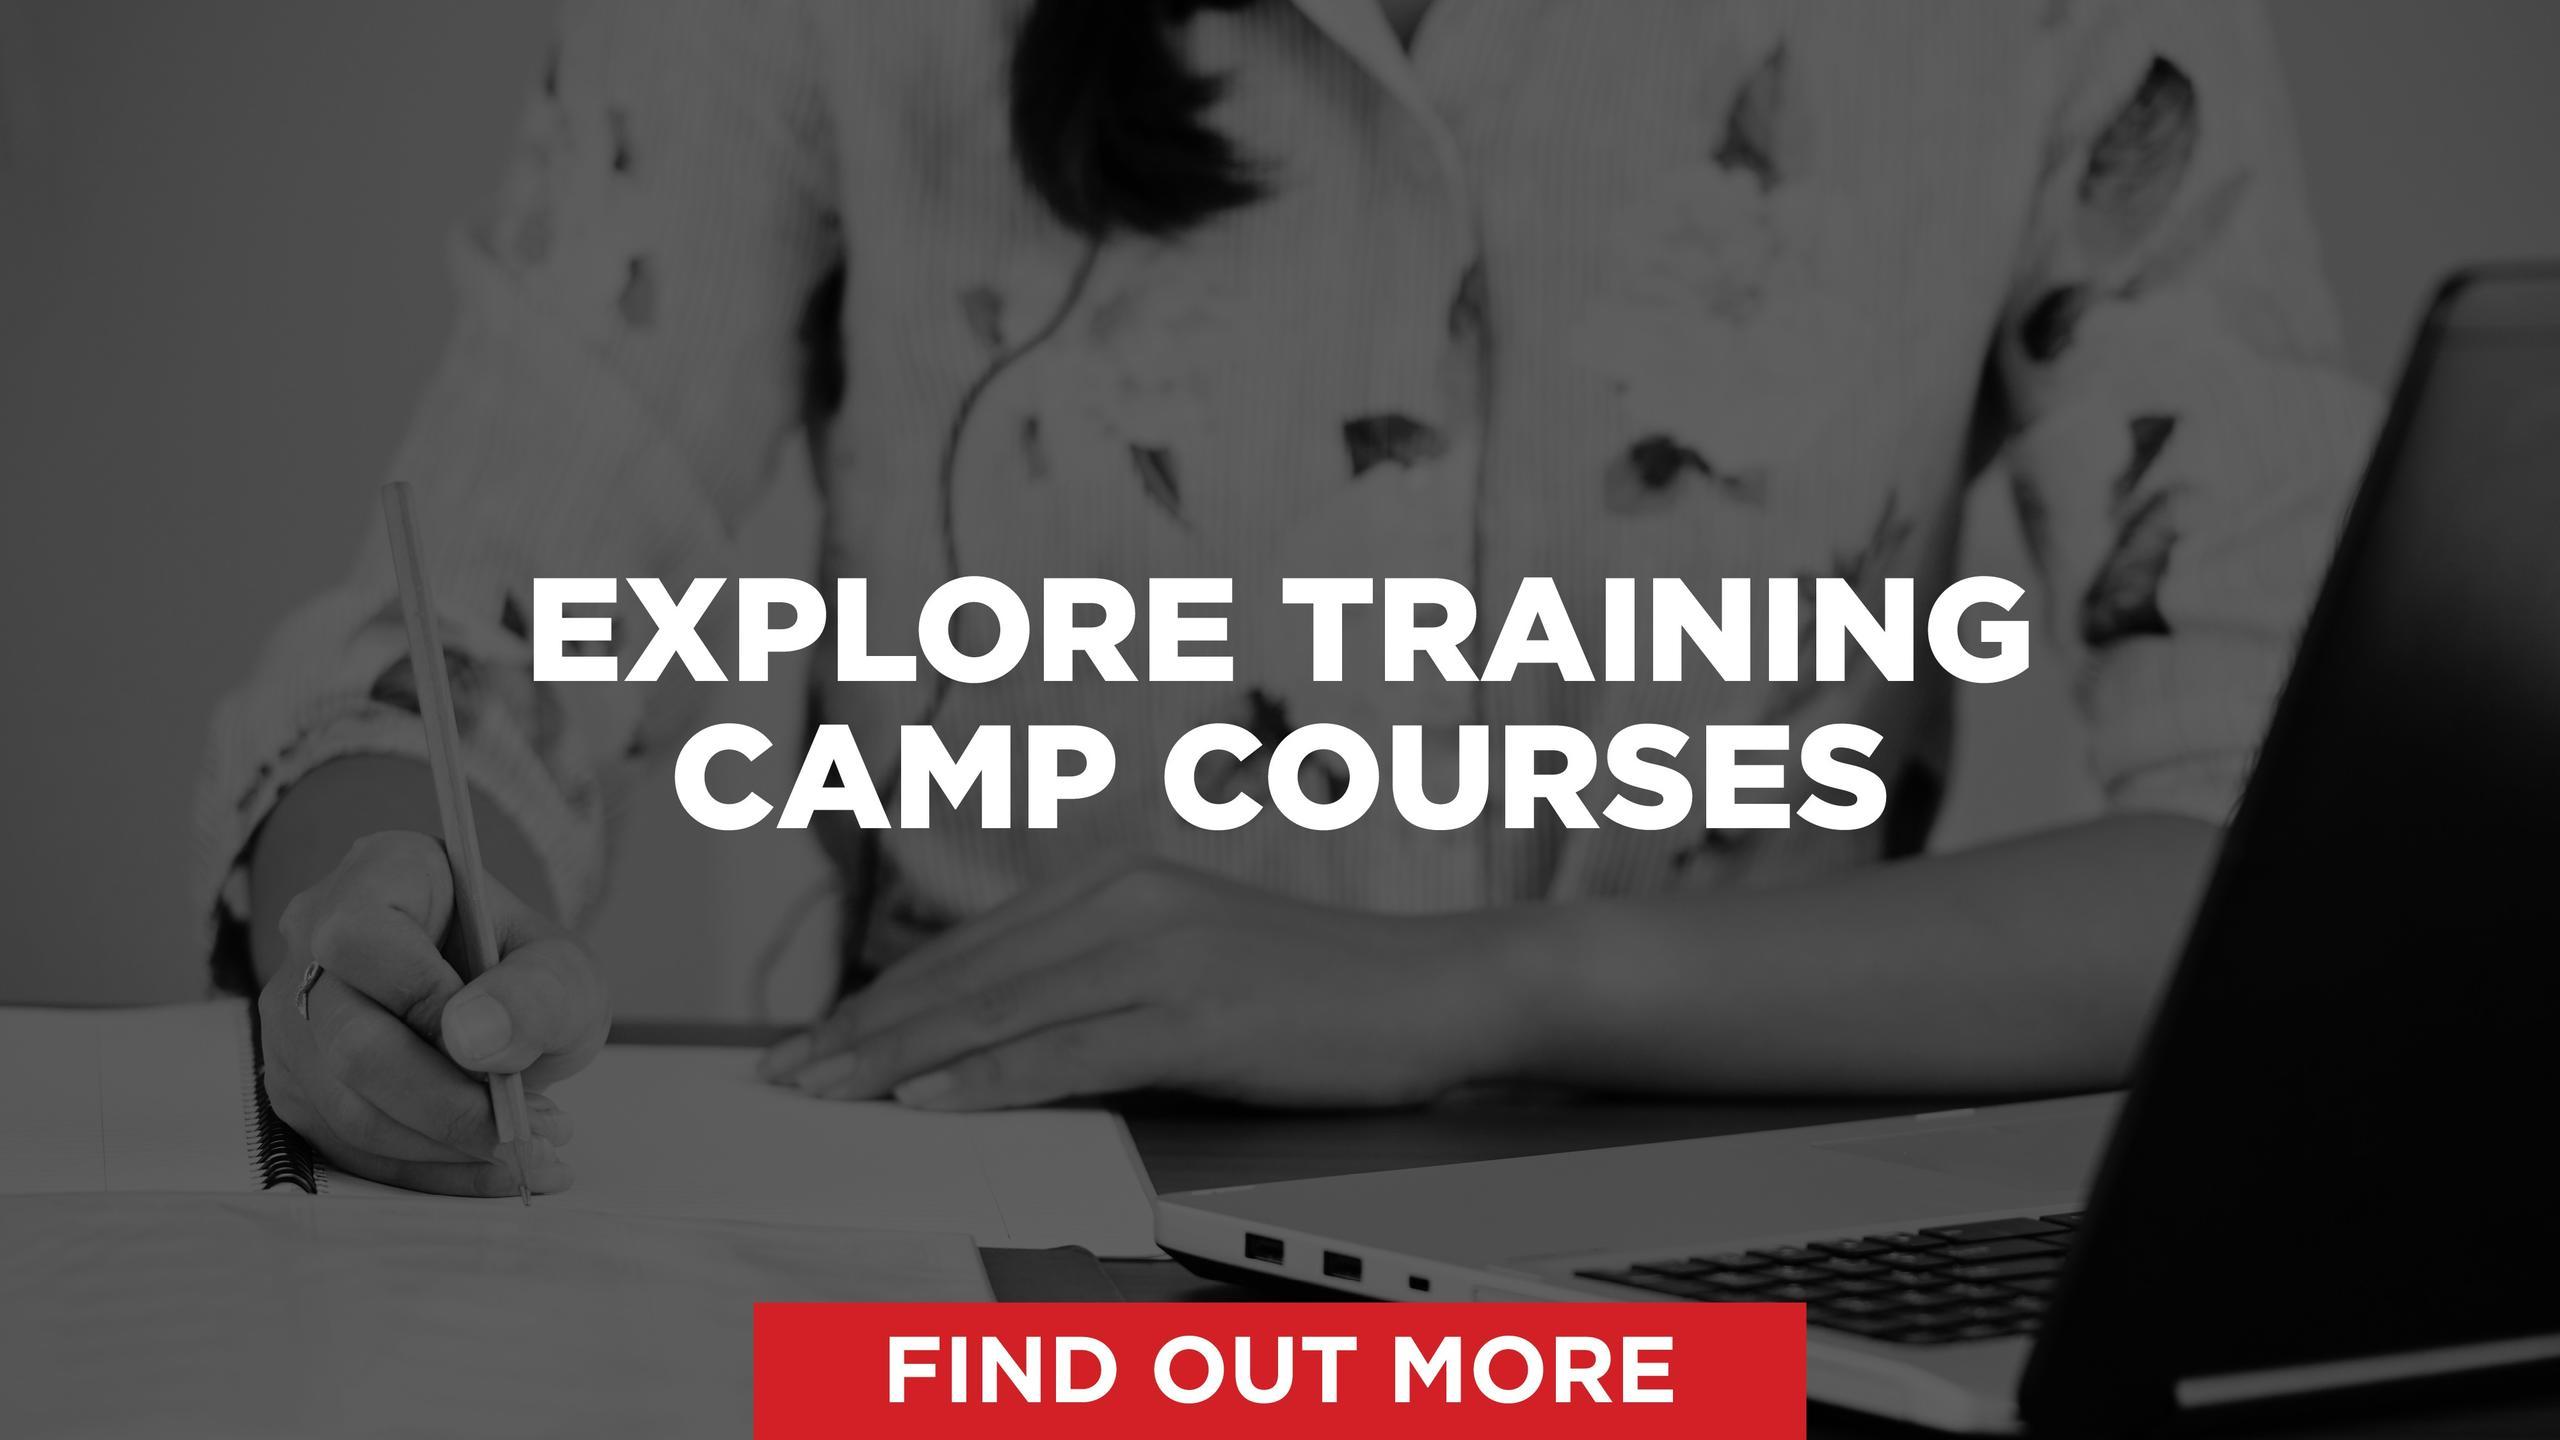 Explore Training Camp Courses